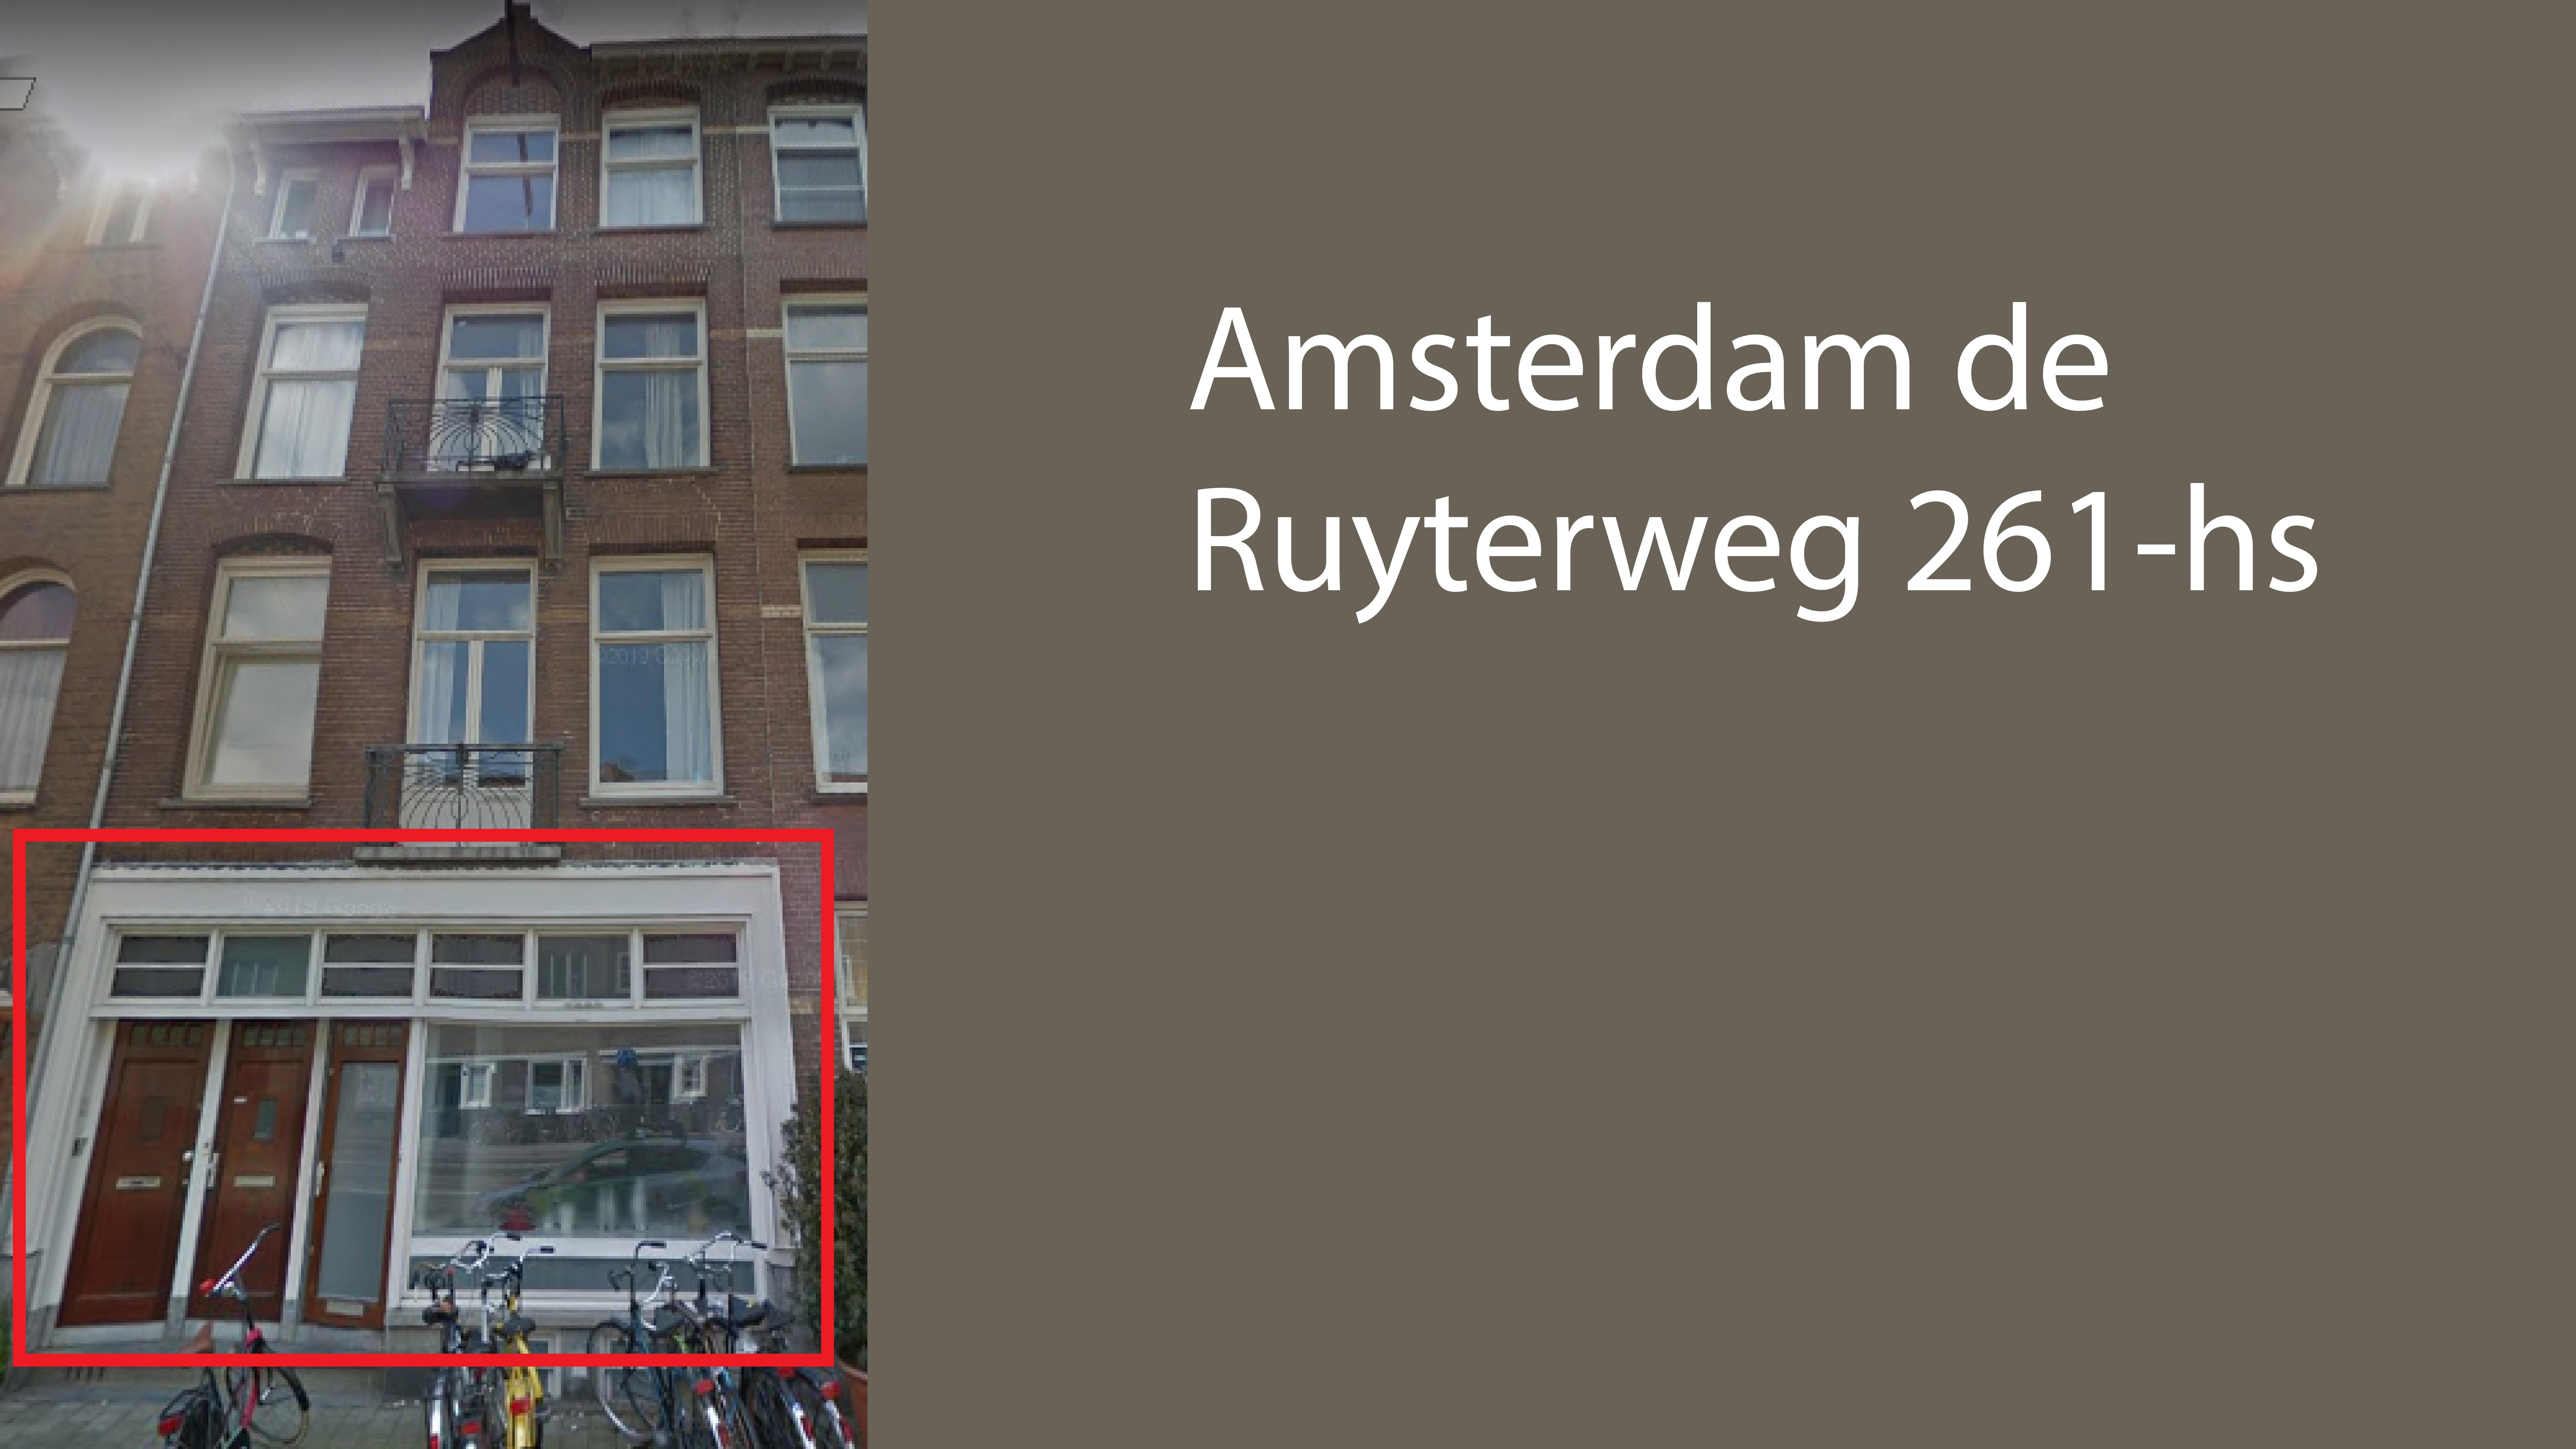 Amsterdam de Ruyterweg 261 hs